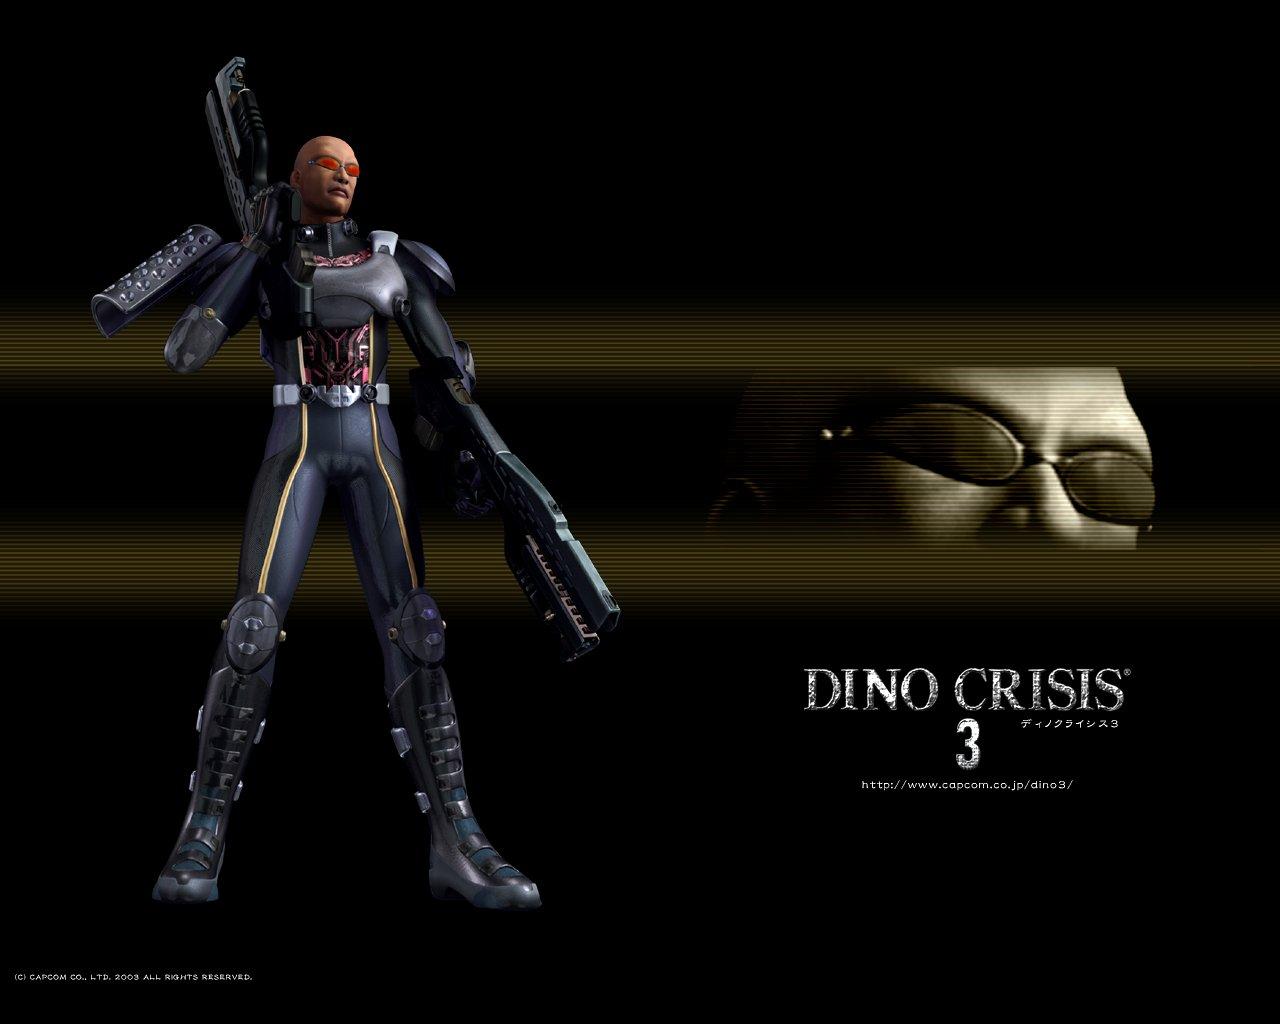 Wallpaper Dino Crisis vdeo game